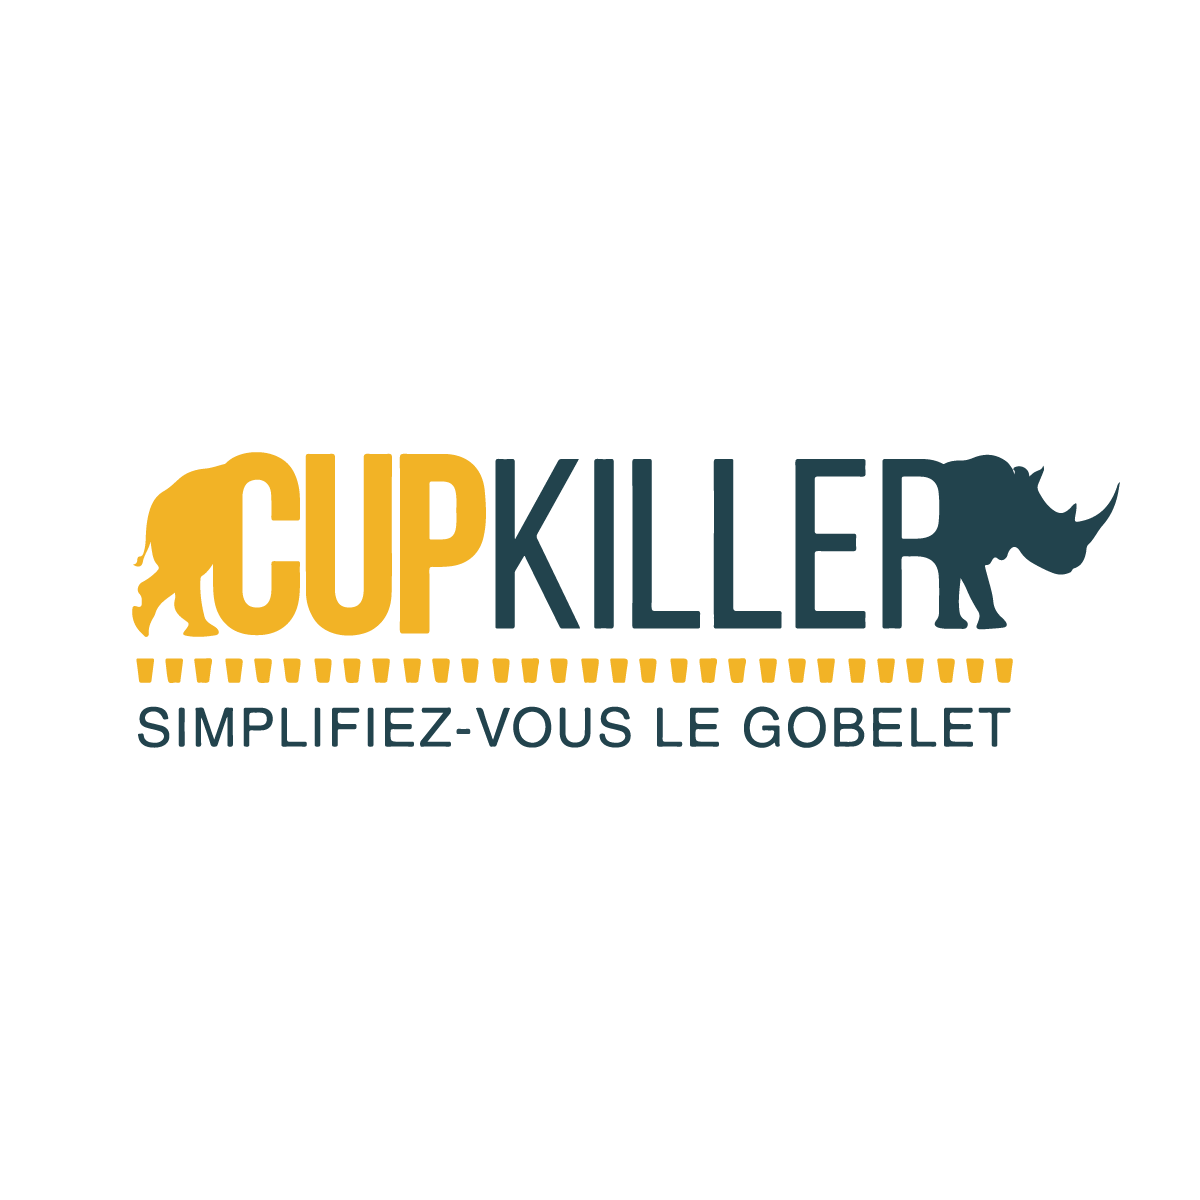 Logo Cupkiller Simplifiez-vous le gobelet